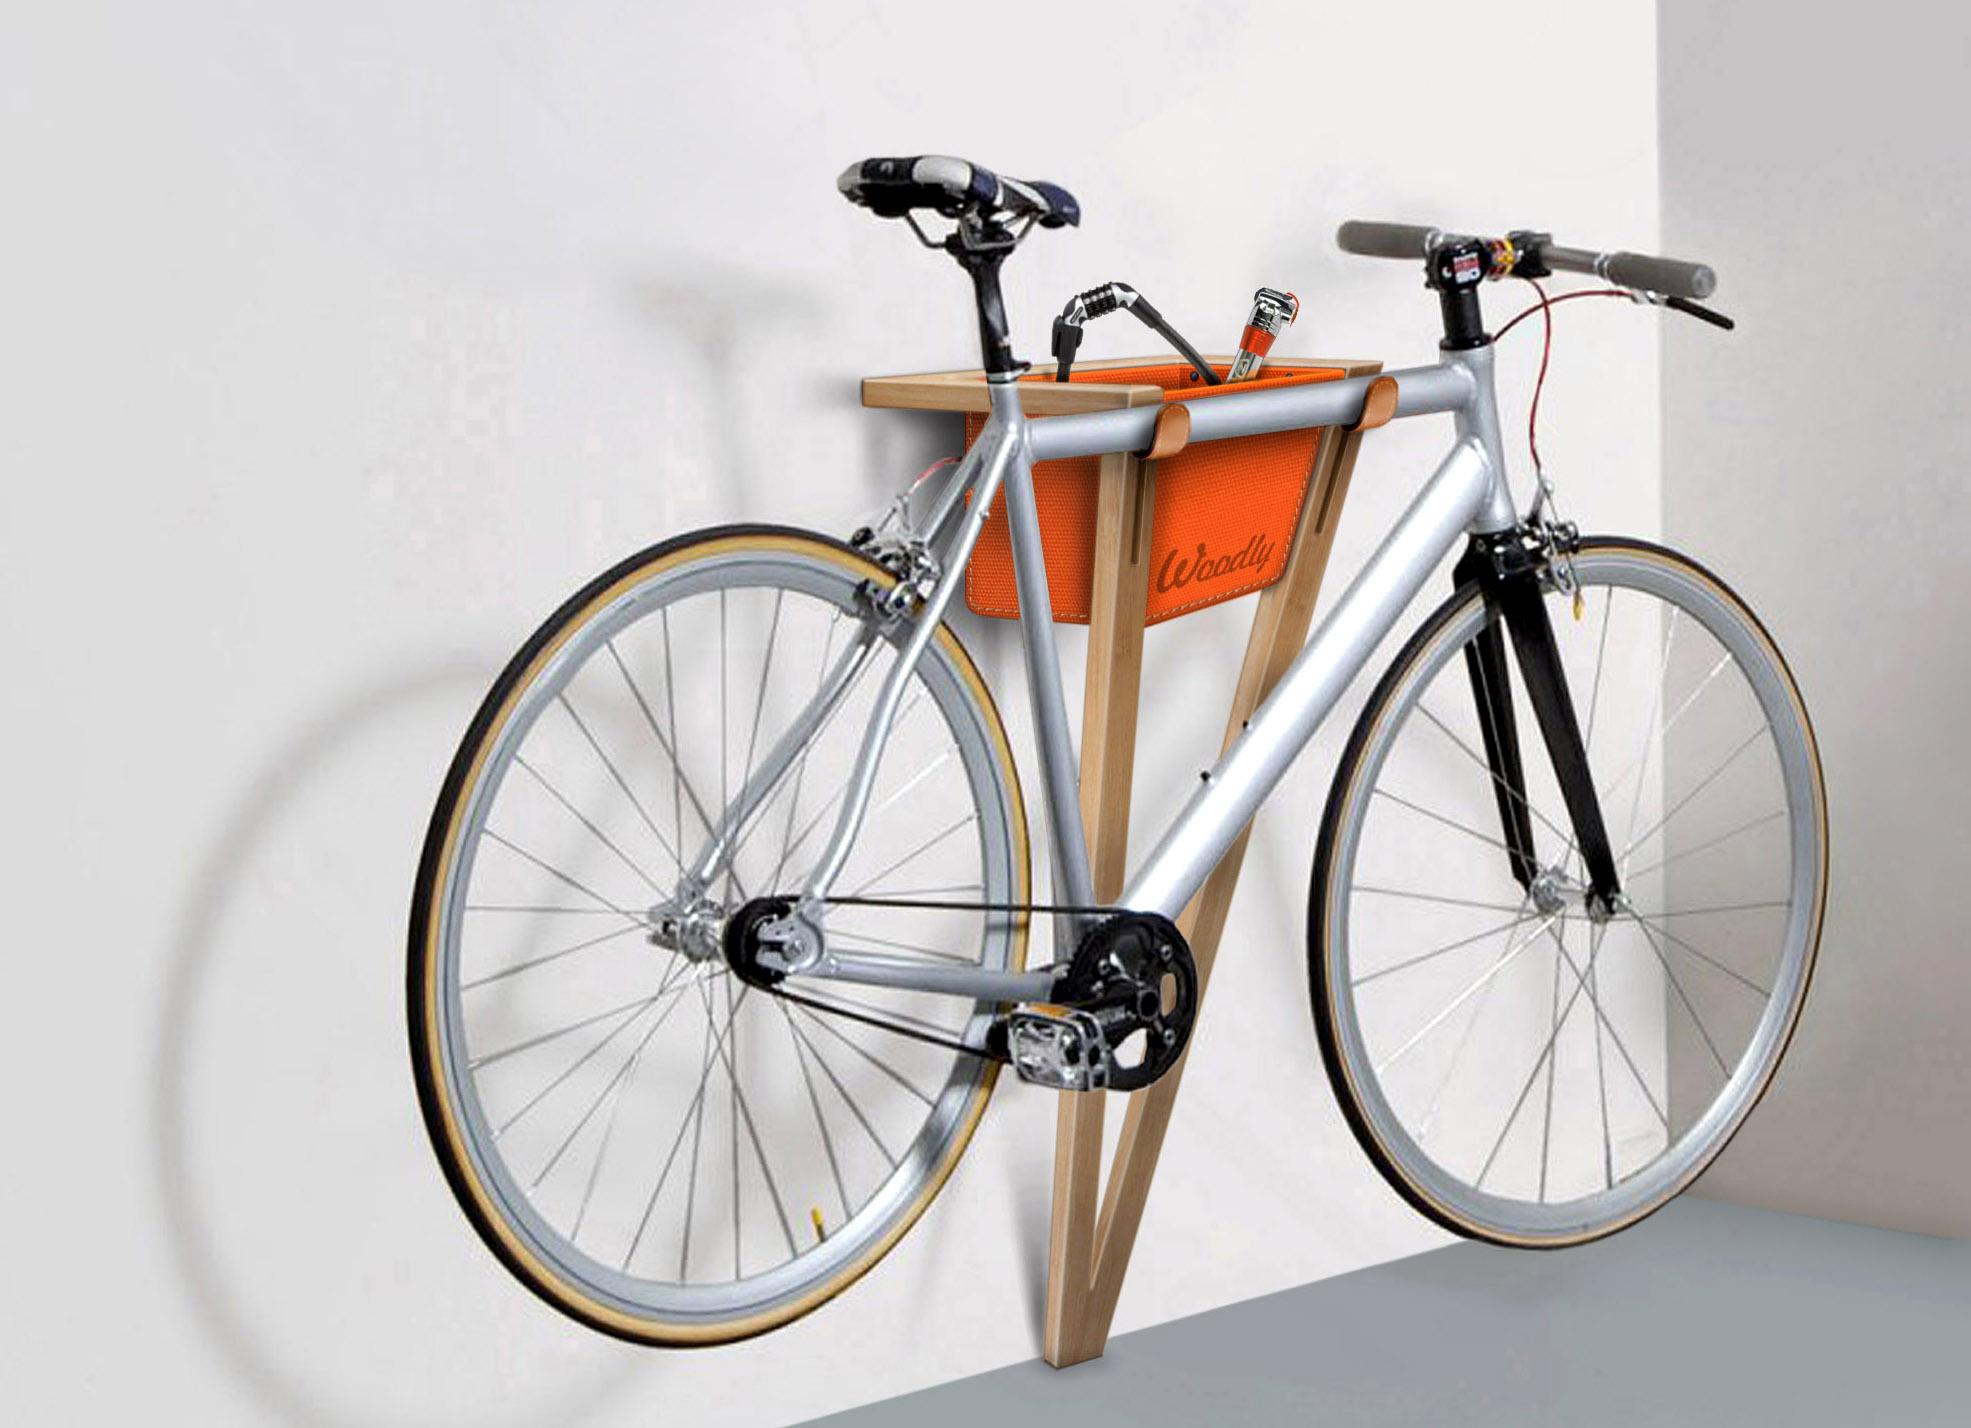 FrogII du Woodly è un supporto per bici di legno con vani in tessuto (prezzo su richiesta, woodly.it)